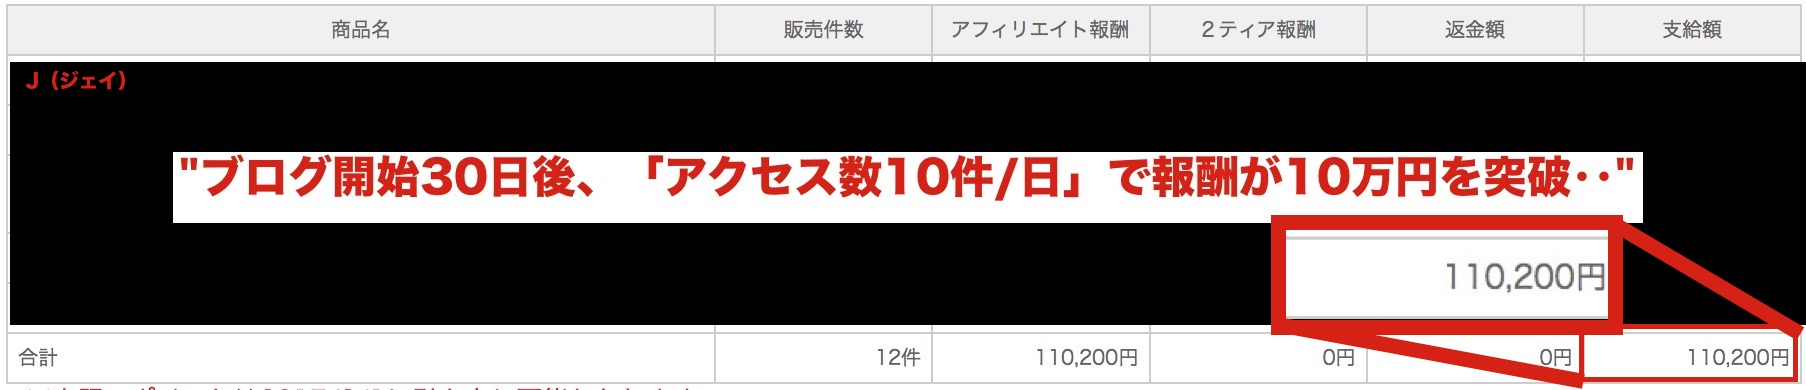 (ブログ開始30日後、「アクセス数10件/日」で報酬が10万円を突破‥)